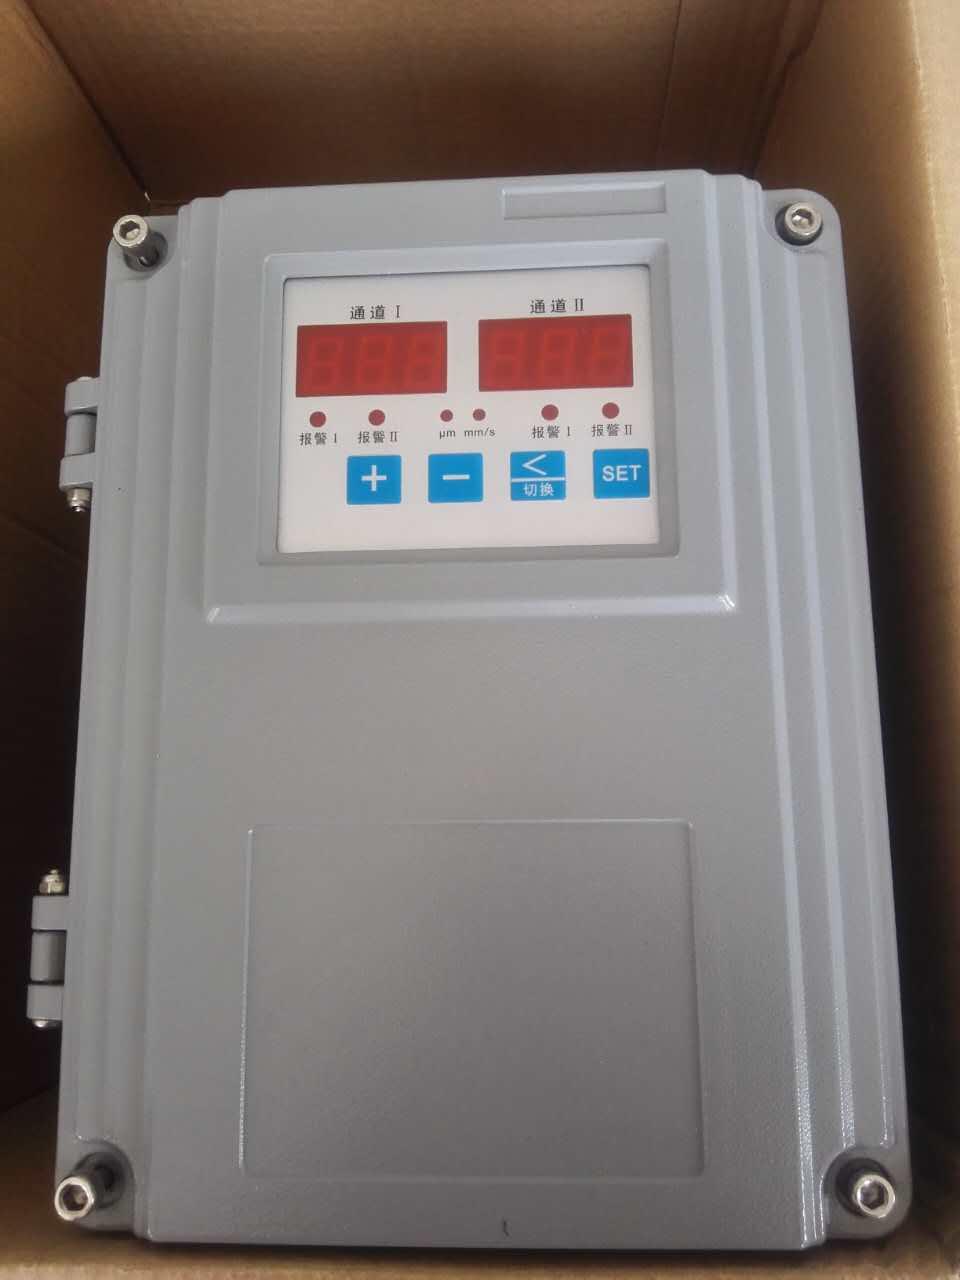 CZJ-B3G B4G TS-V-5HY-5V Wall-mounted Vibration Monitoring Protector Vibration Monitoring Instrument